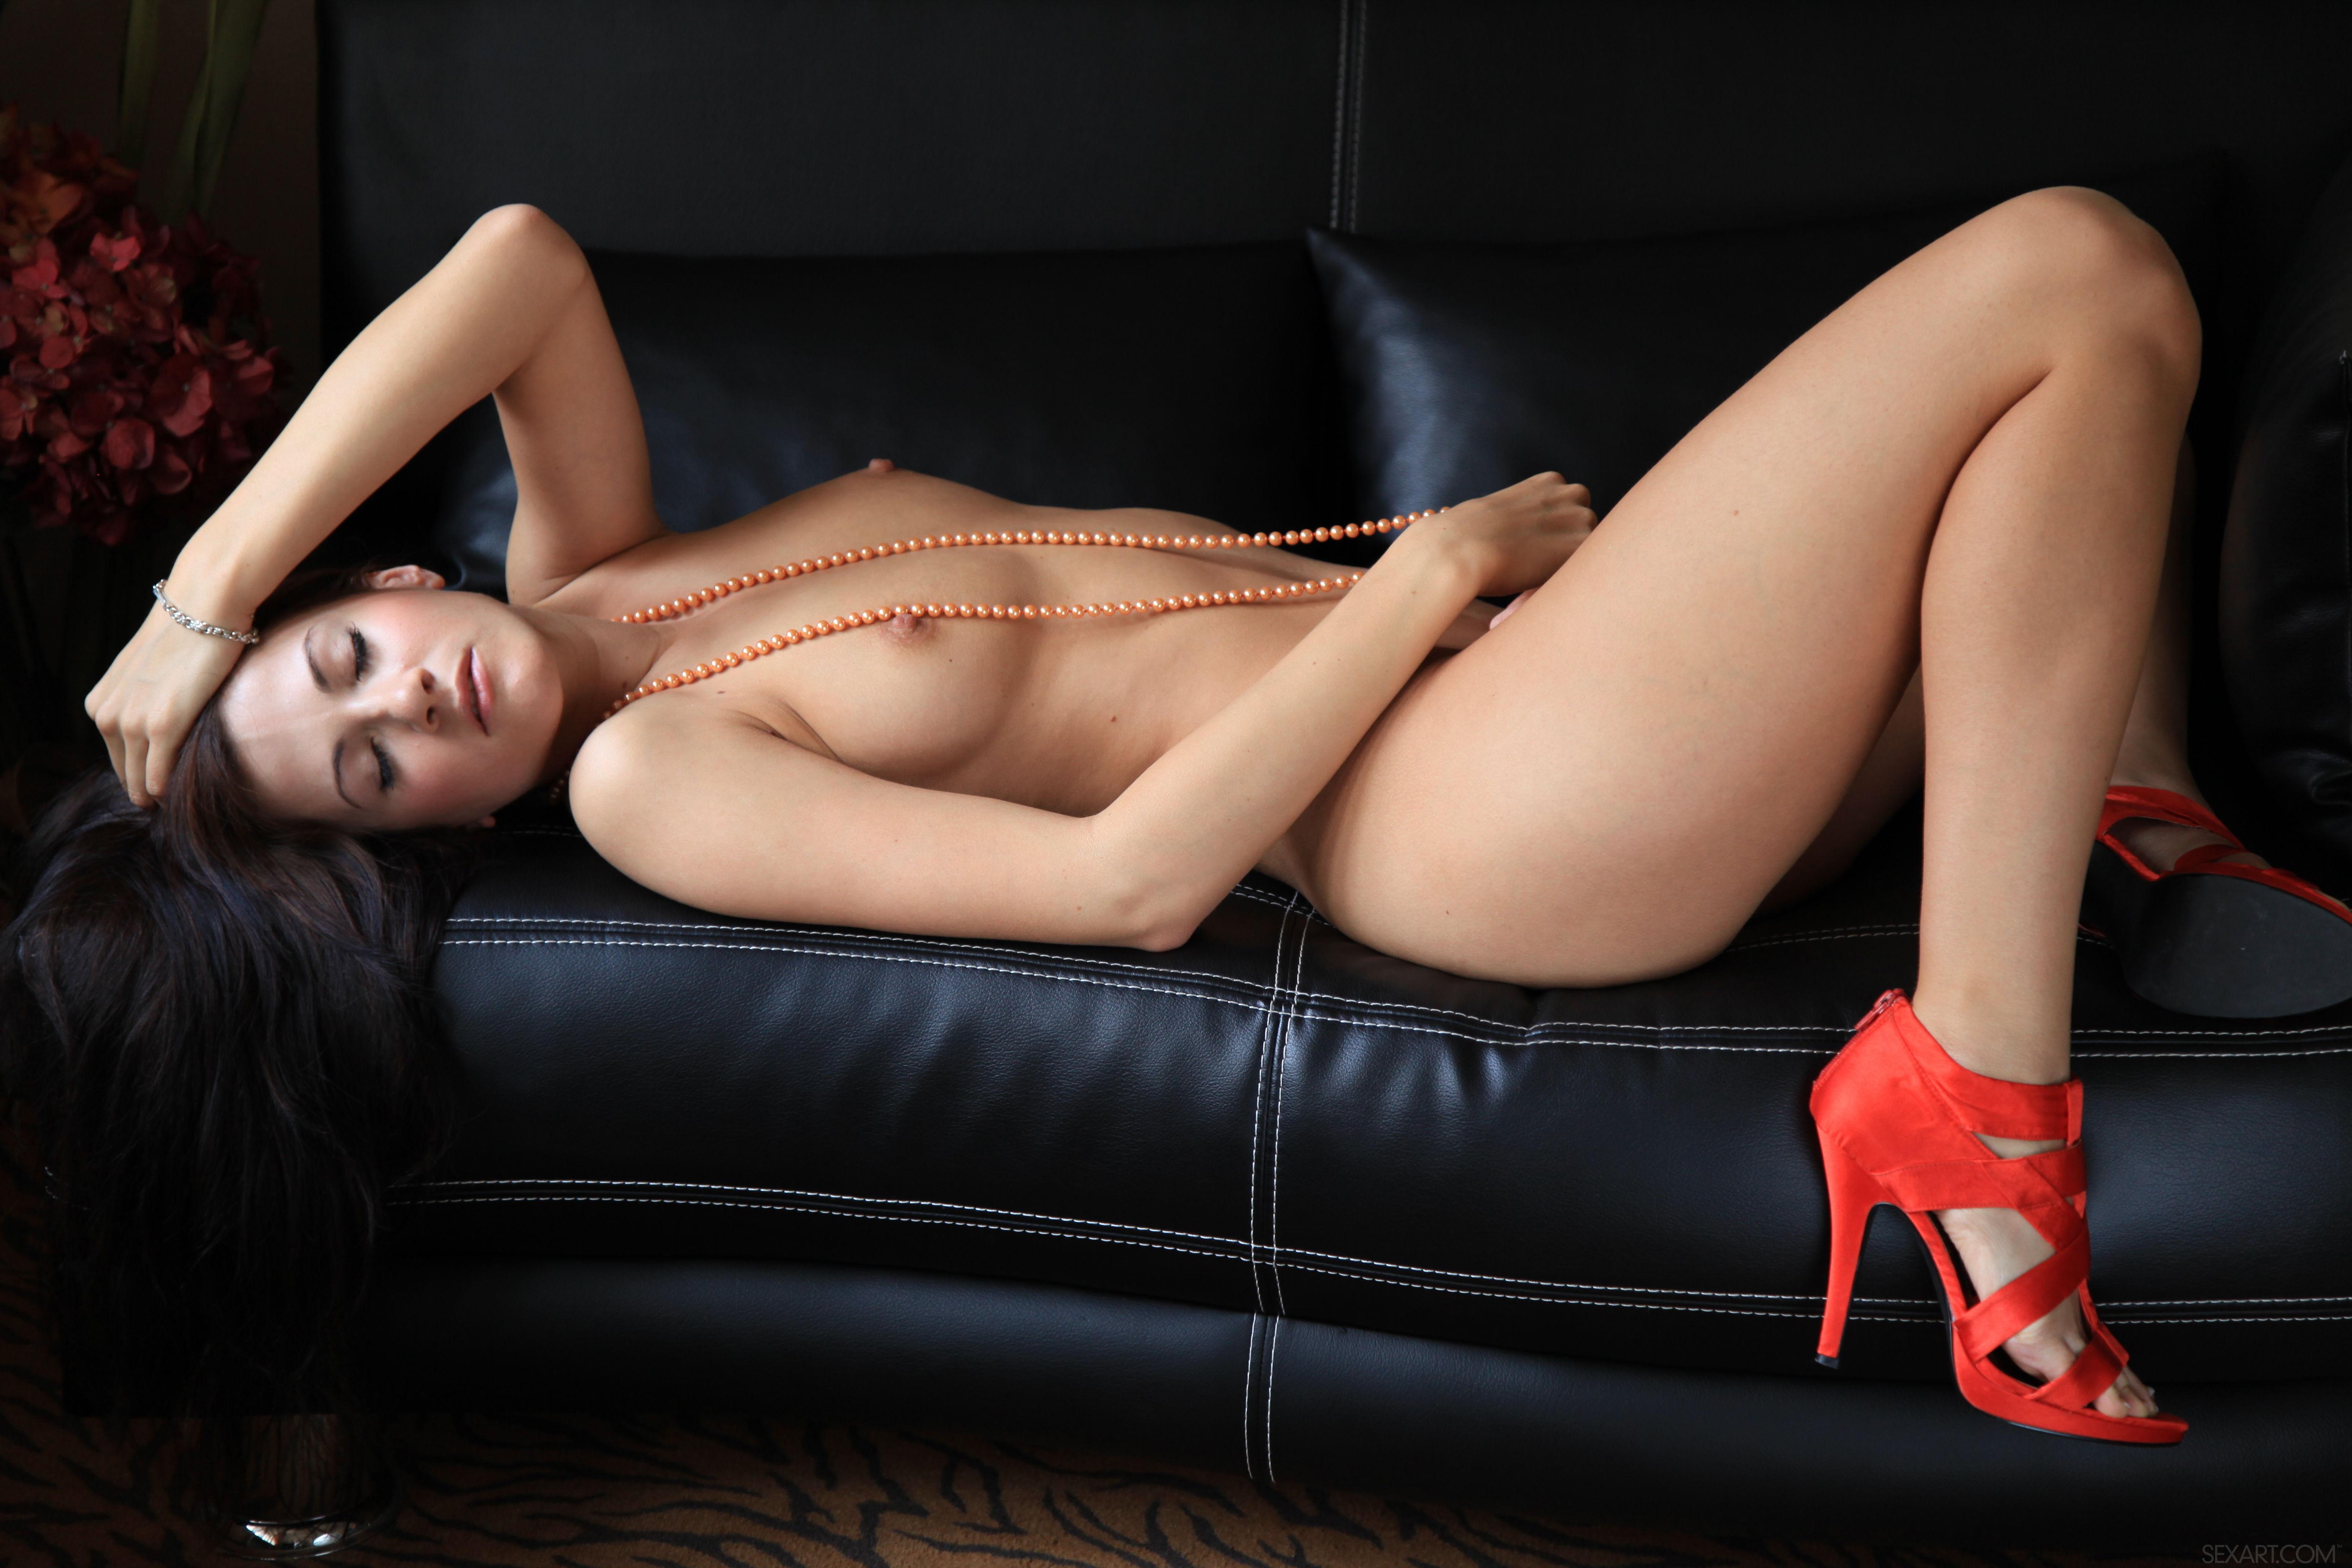 lorraine pascale nude photos